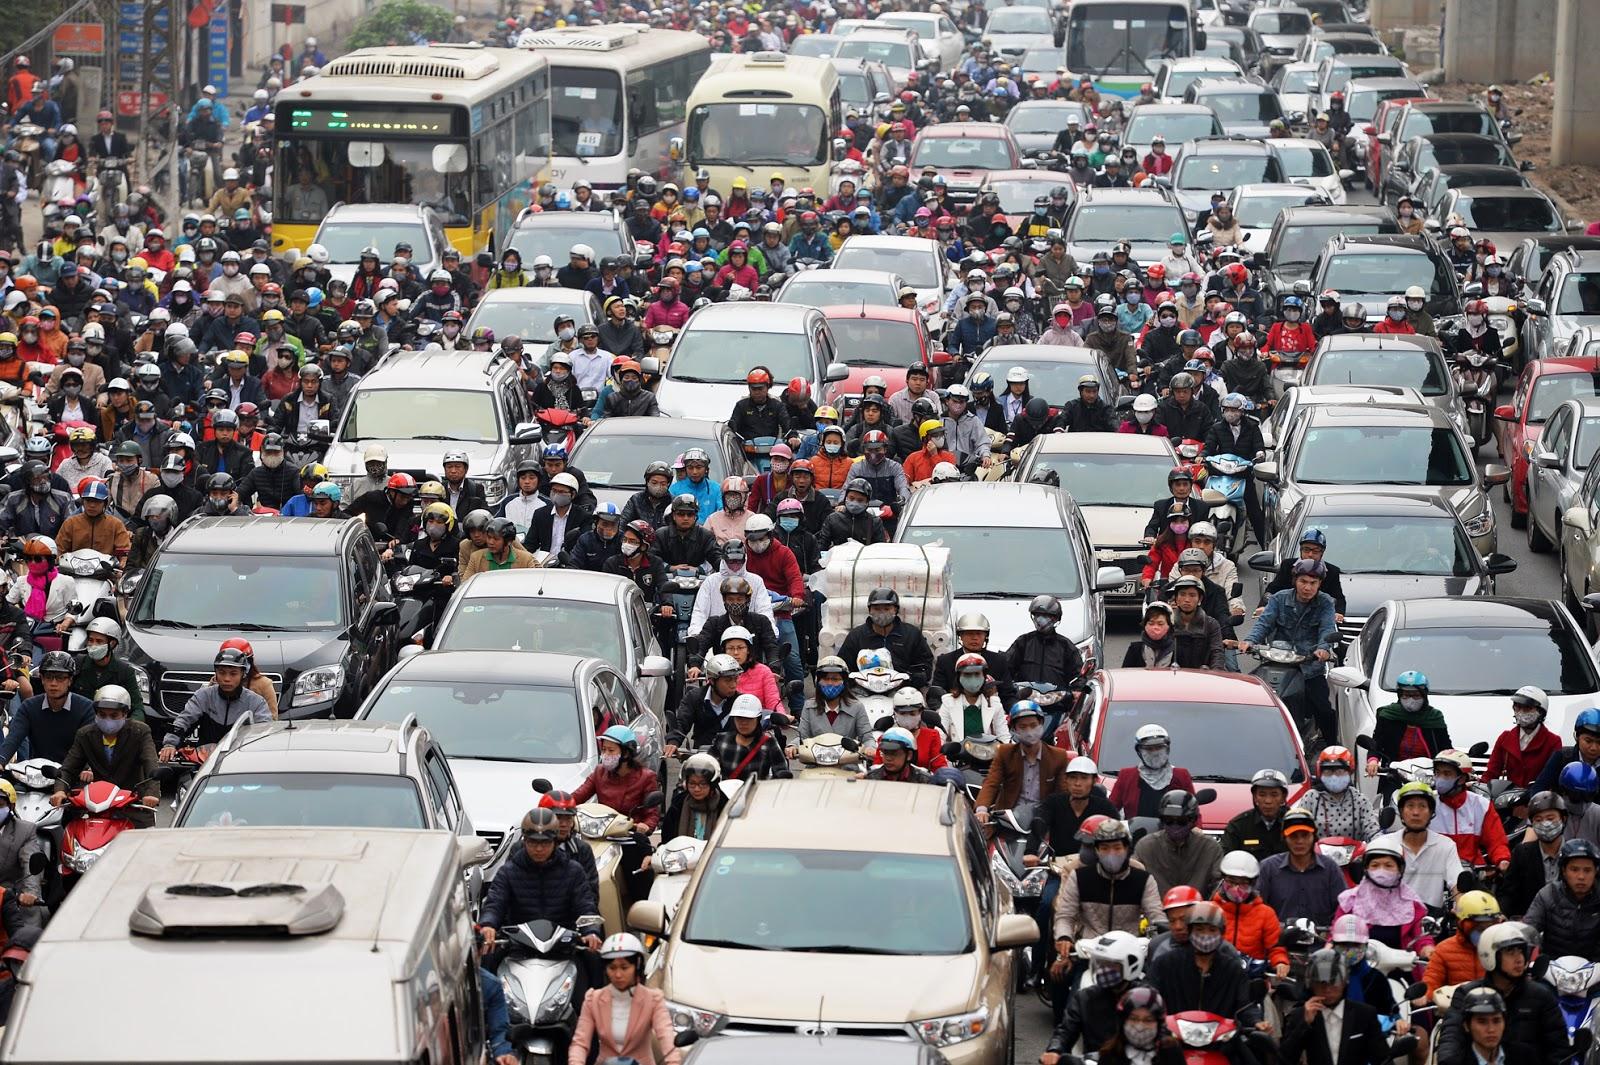 Mật độ dân số với quy hoạch và giao thông đô thị của Hà Nội và Thành phố Hồ Chí Minh